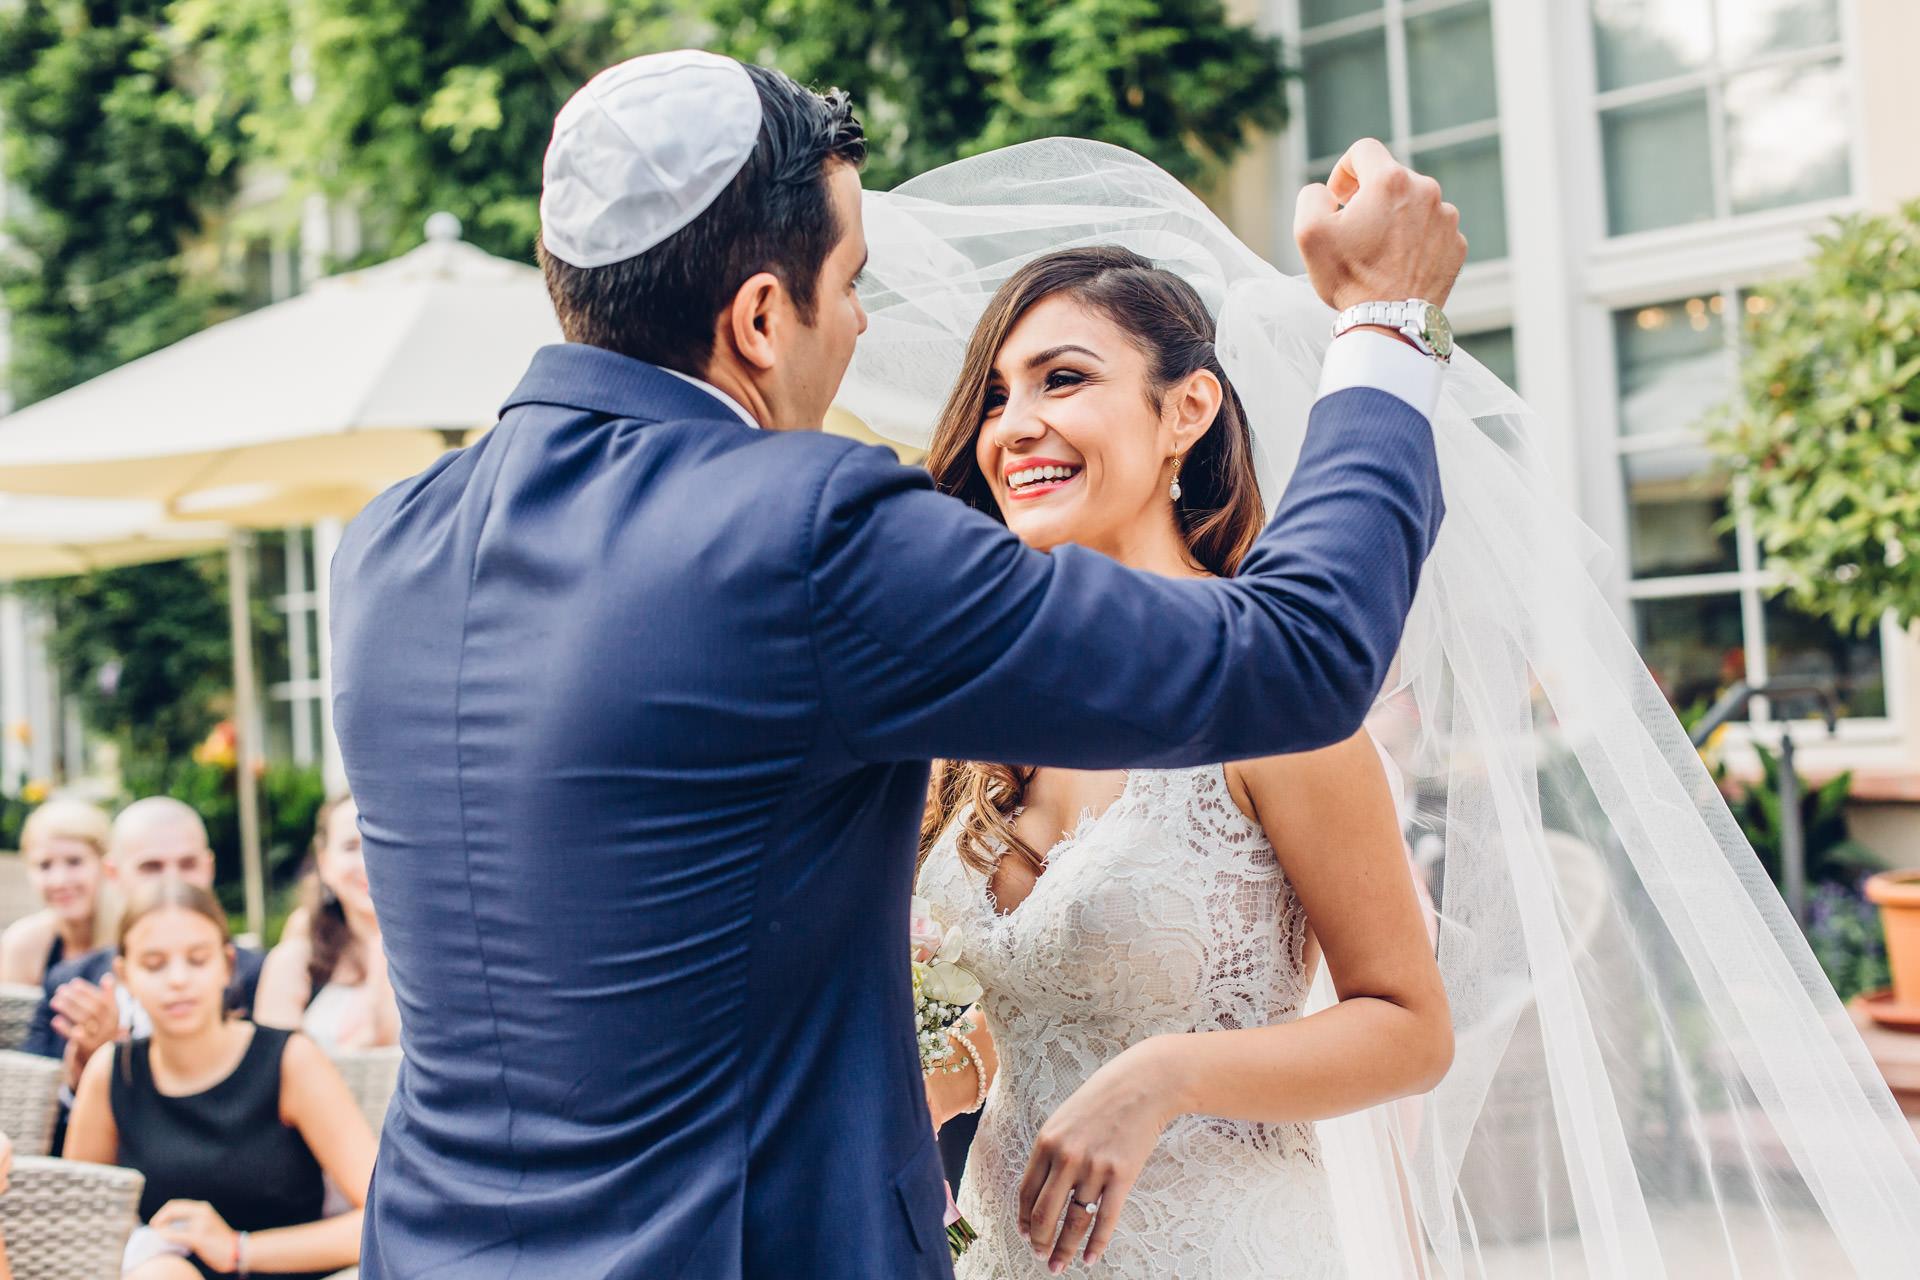 Fotograf Jüdische Hochzeit